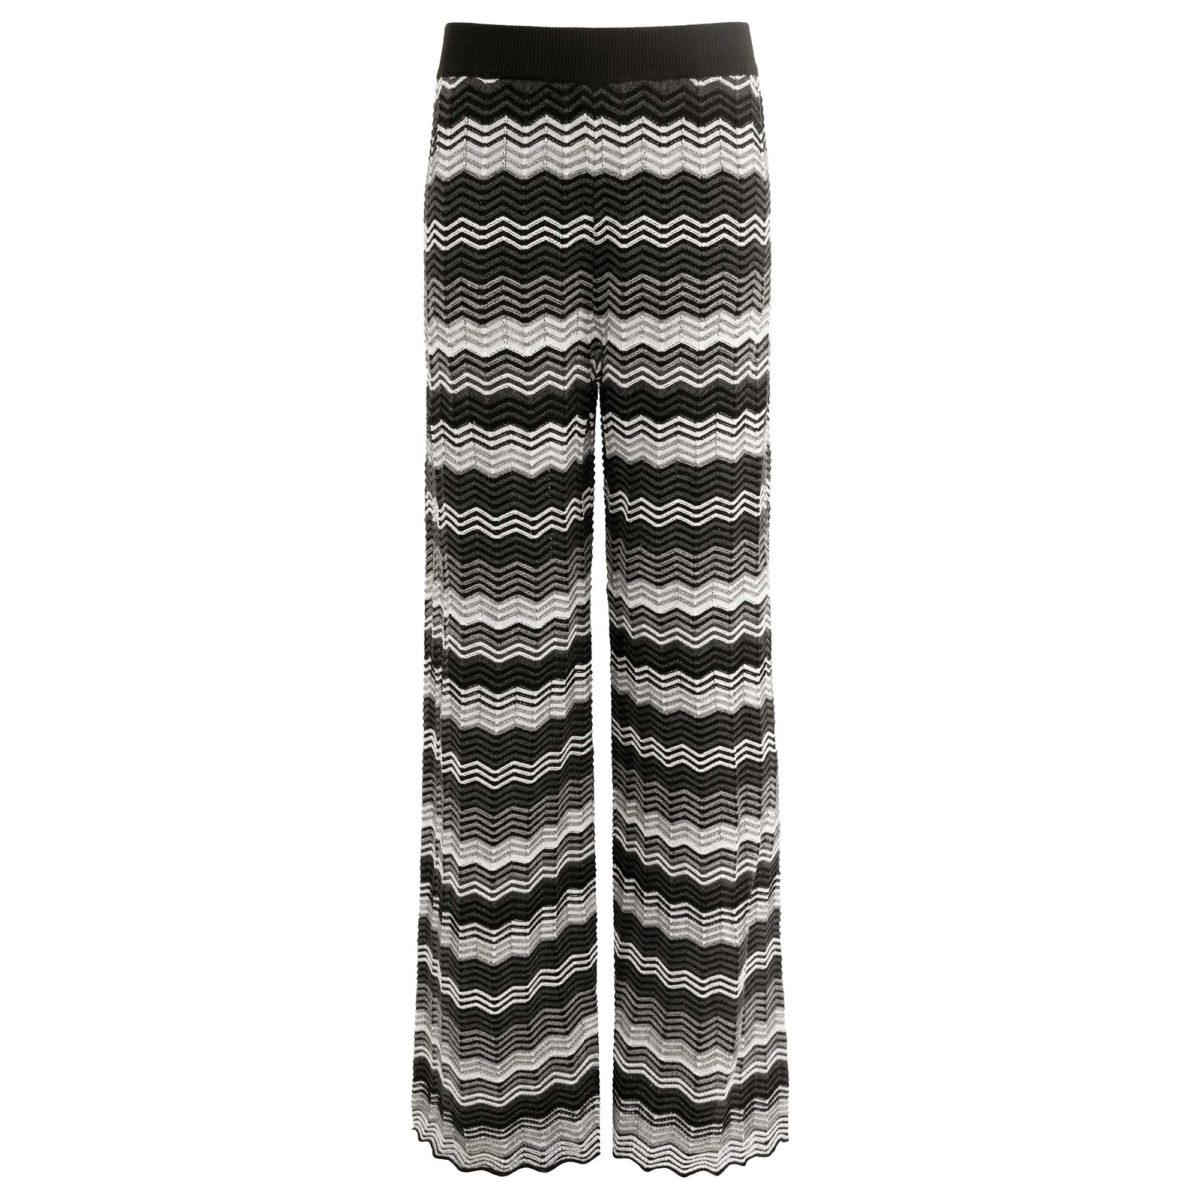 Pantalone Wide leg in maglia Multicolor - vista frontale | Nicla